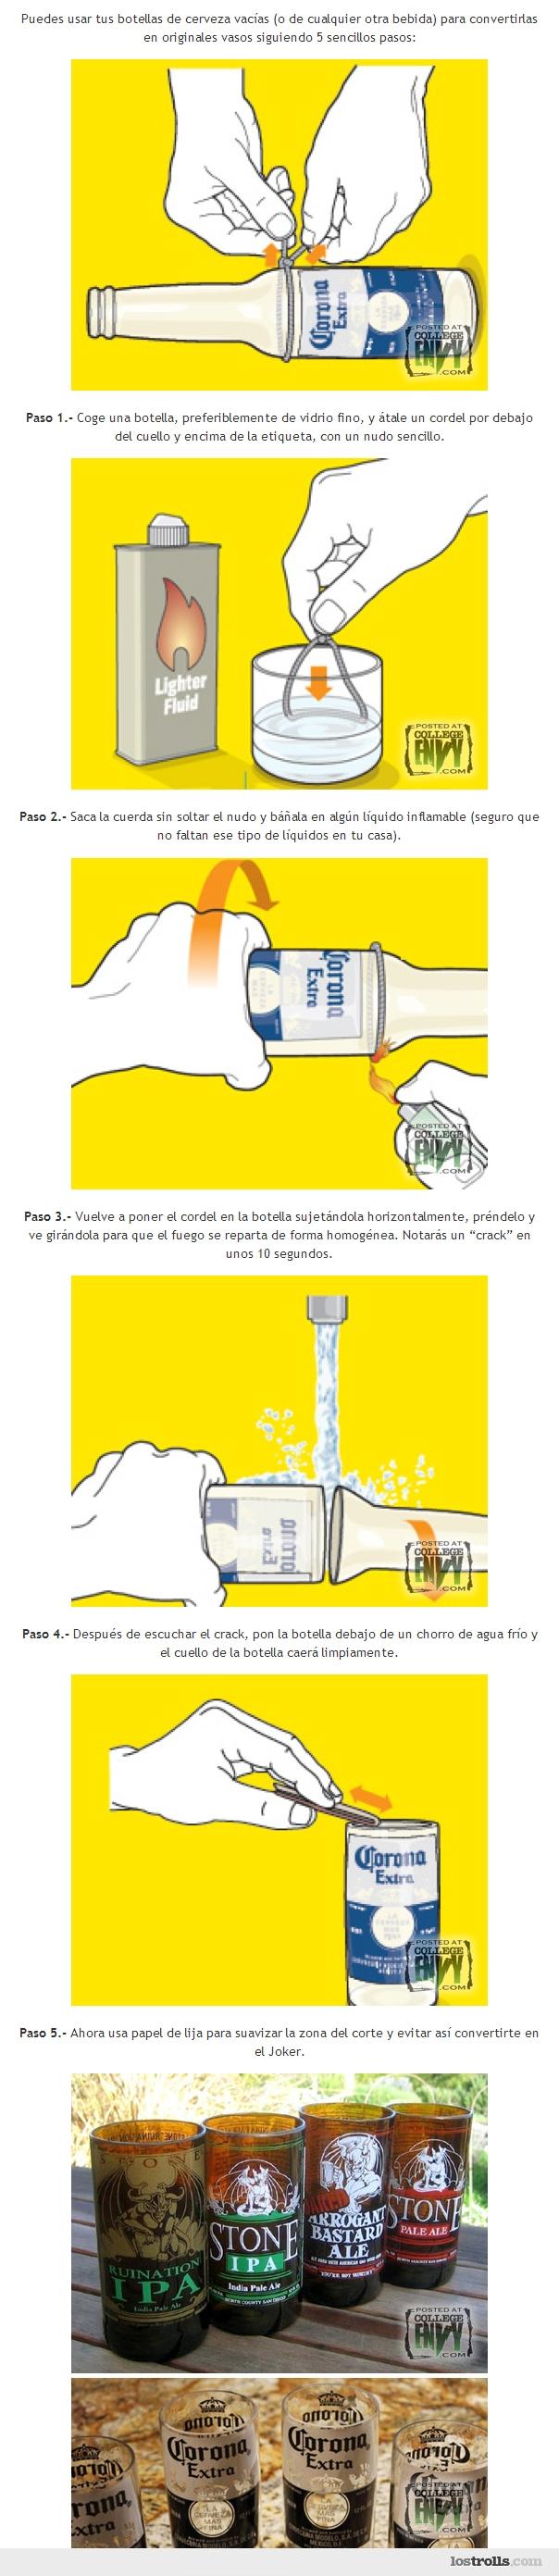 vaso botella